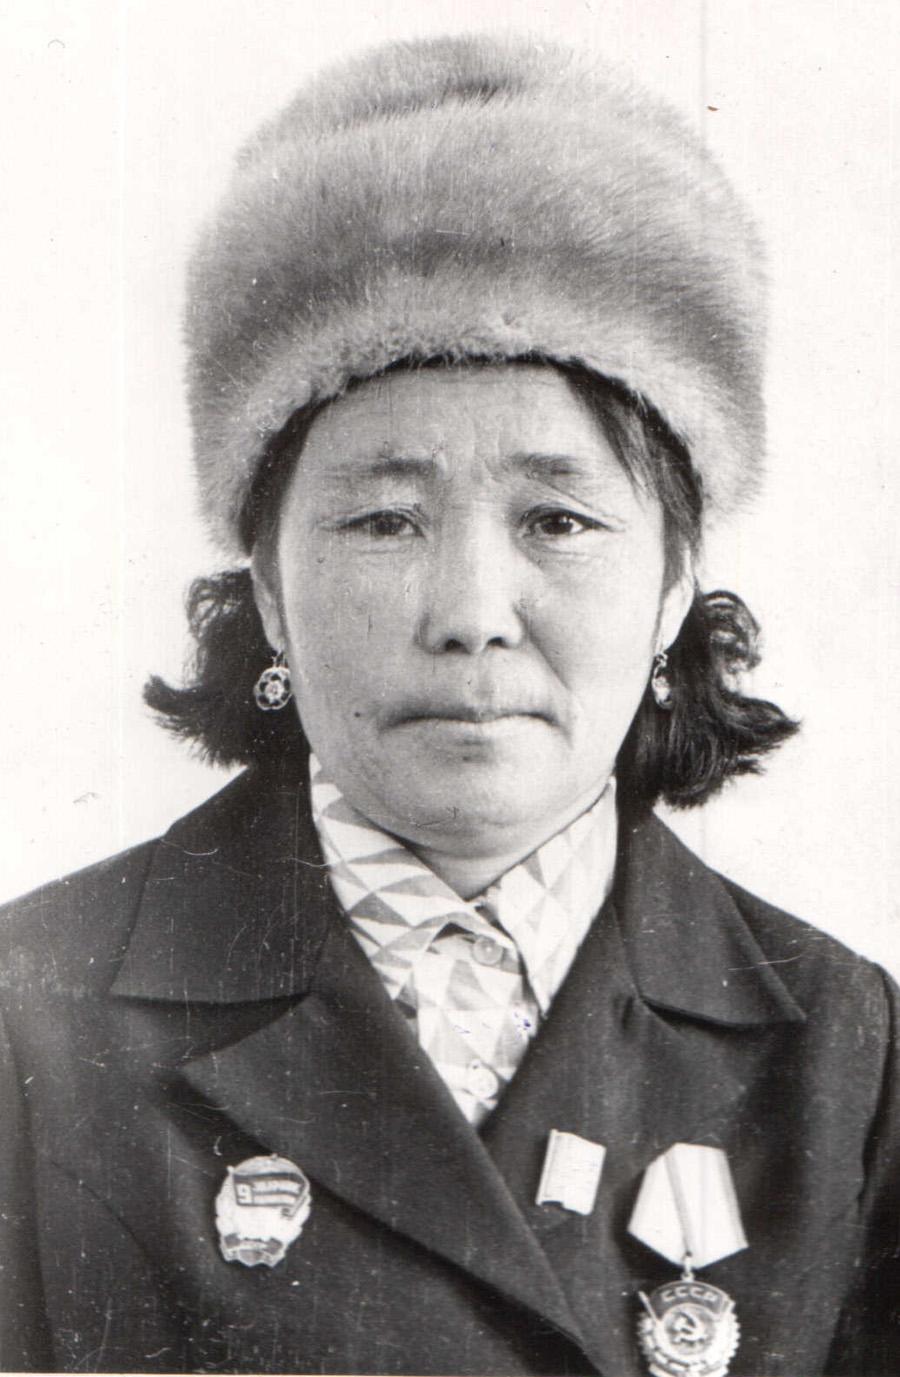 Далаева Долсон, Гунэй. 1978 г..jpg